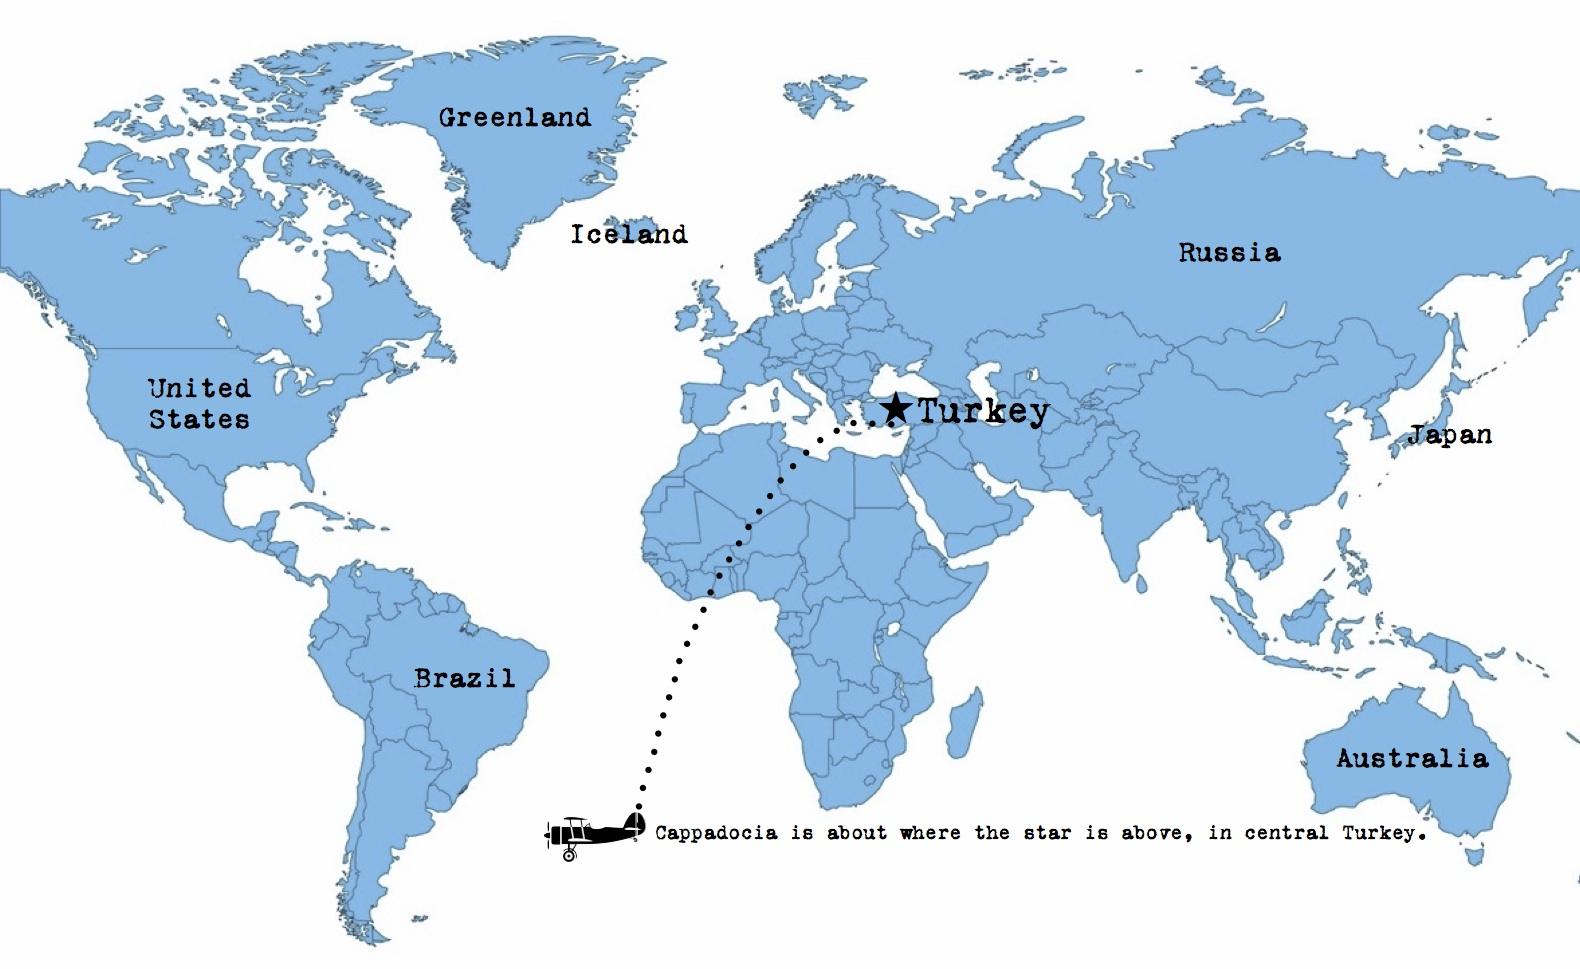 cap map 2